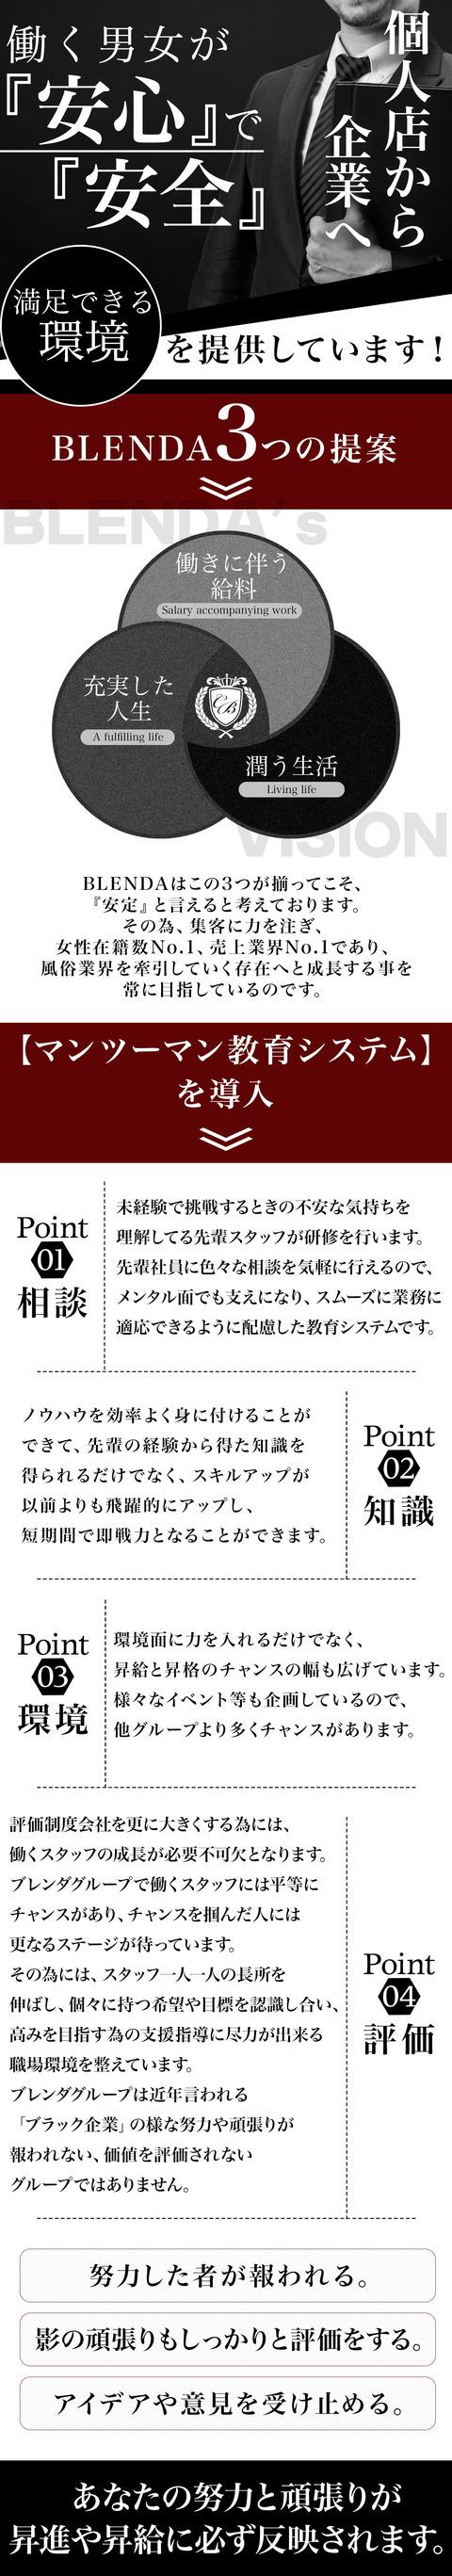 mensh_bl-lp_01